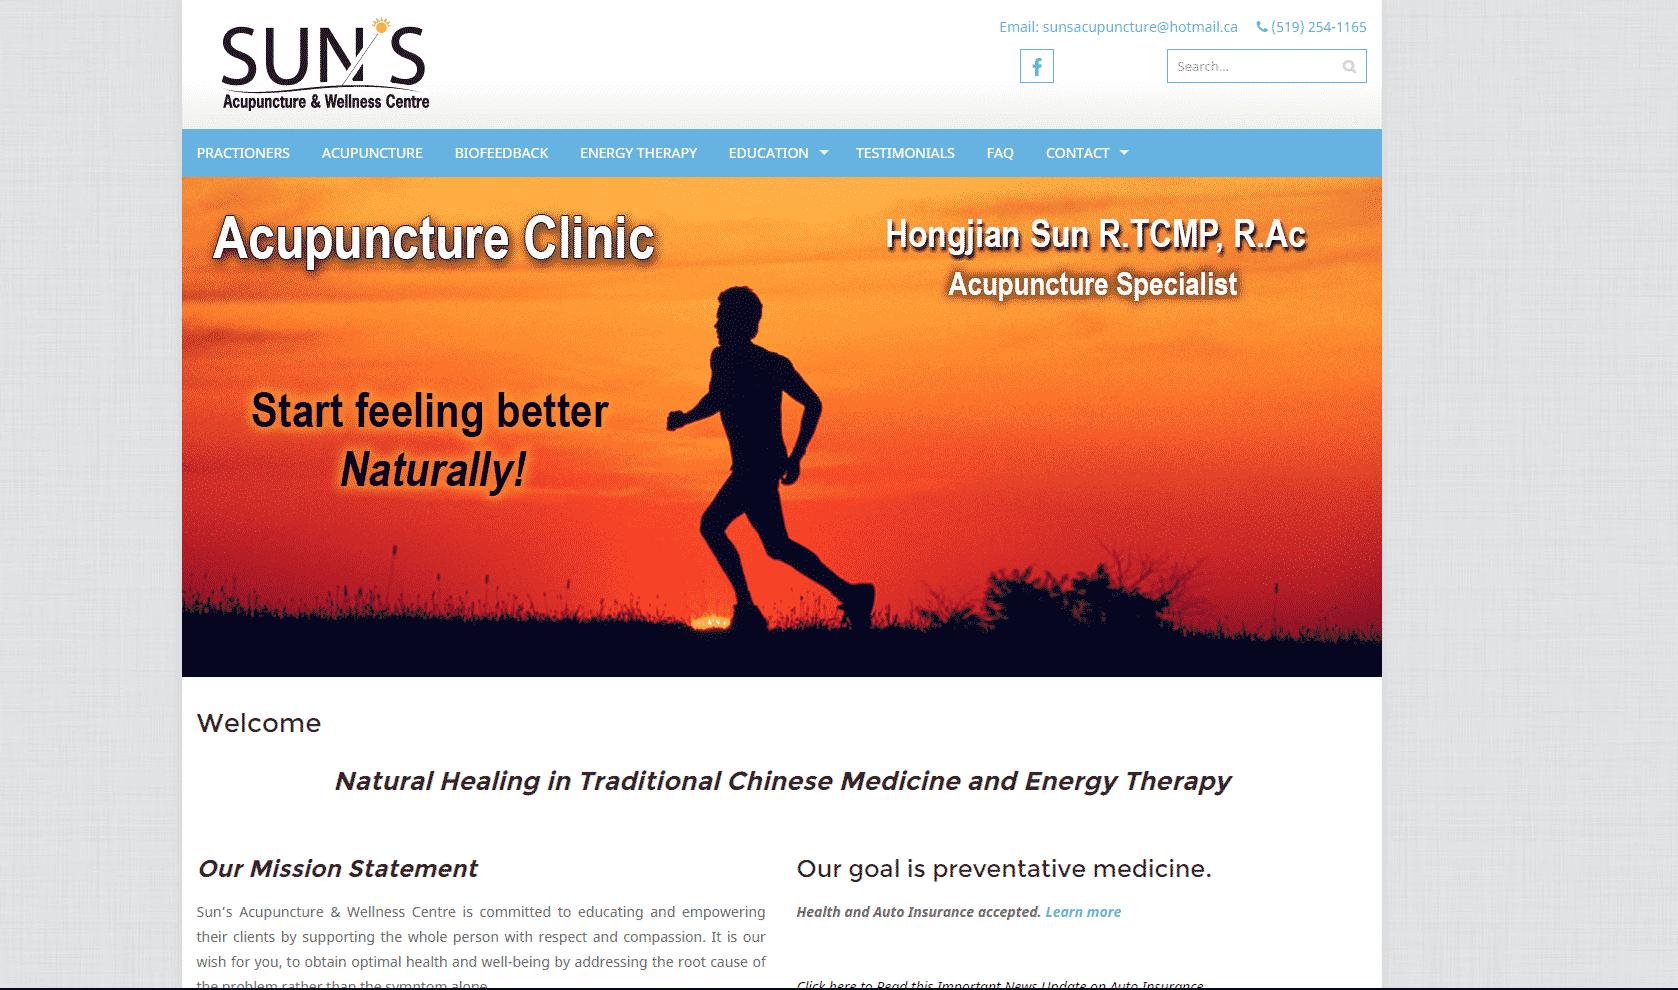 Sun's Acupuncture website